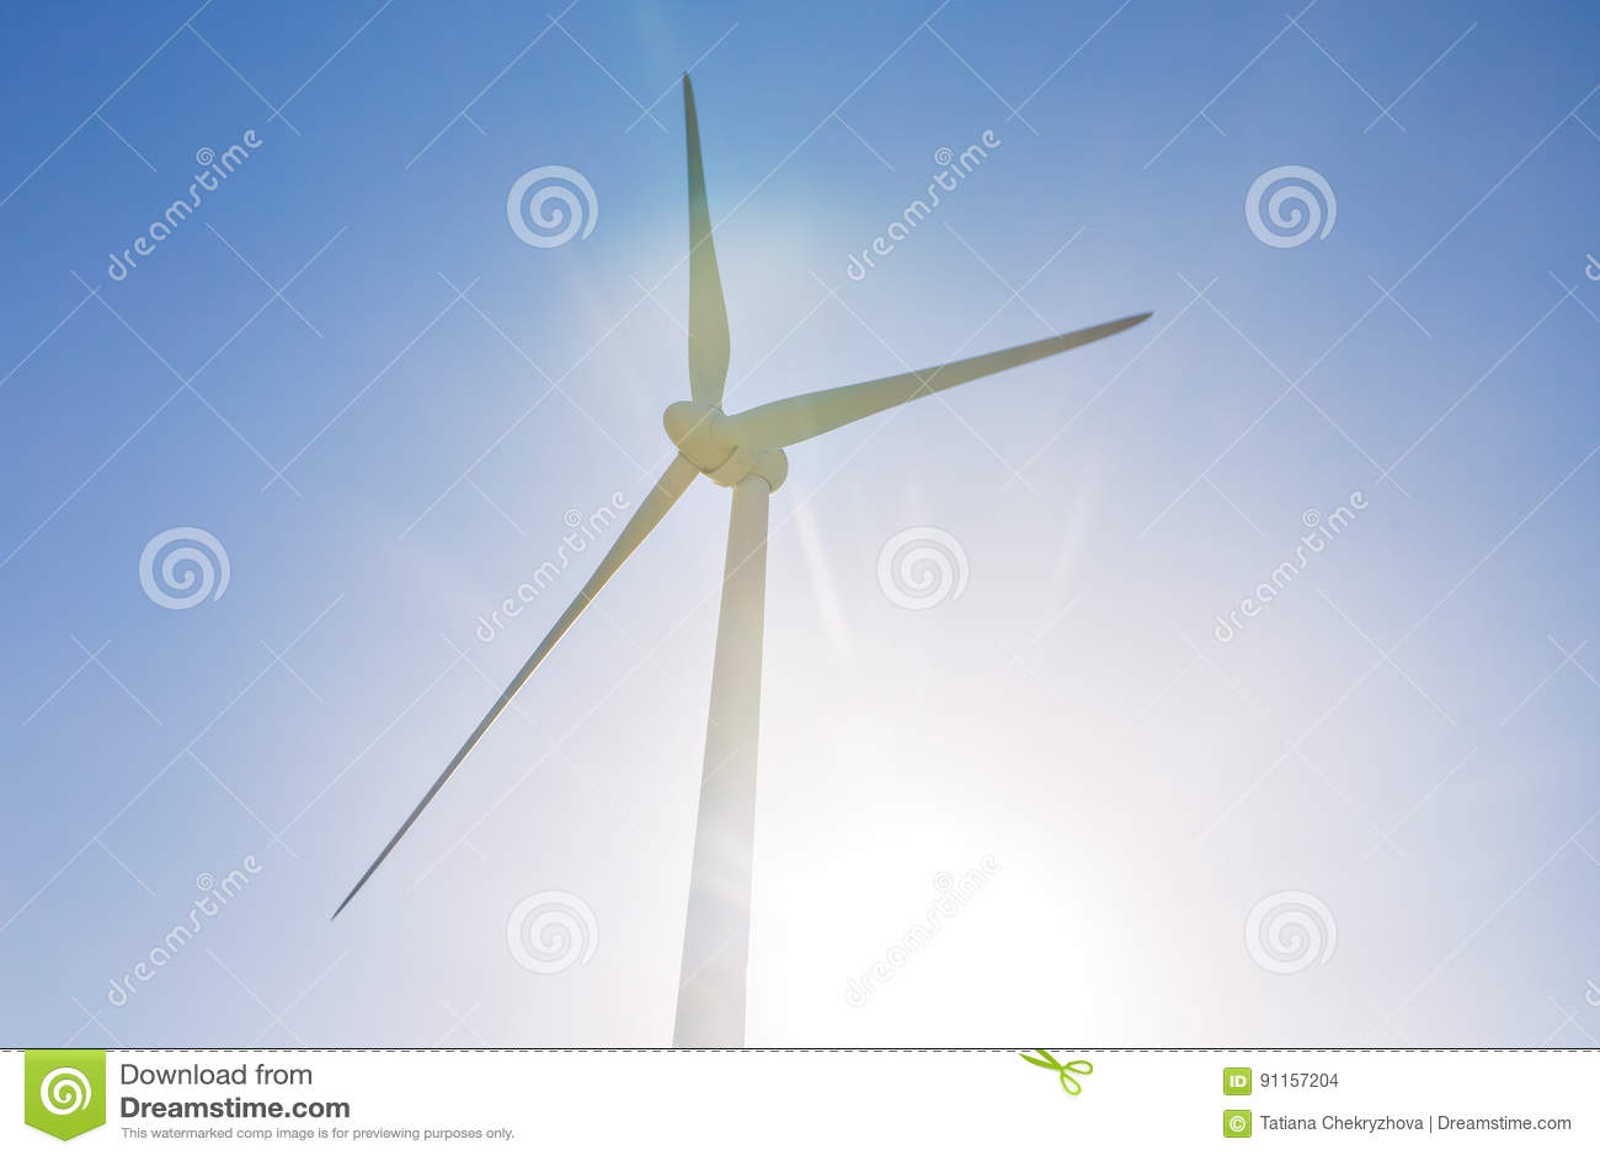 Ветротурбина для альтернативной энергии ветер турбины силы штепсельной вилки панели удерживания руки зеленого цвета eco принципиа